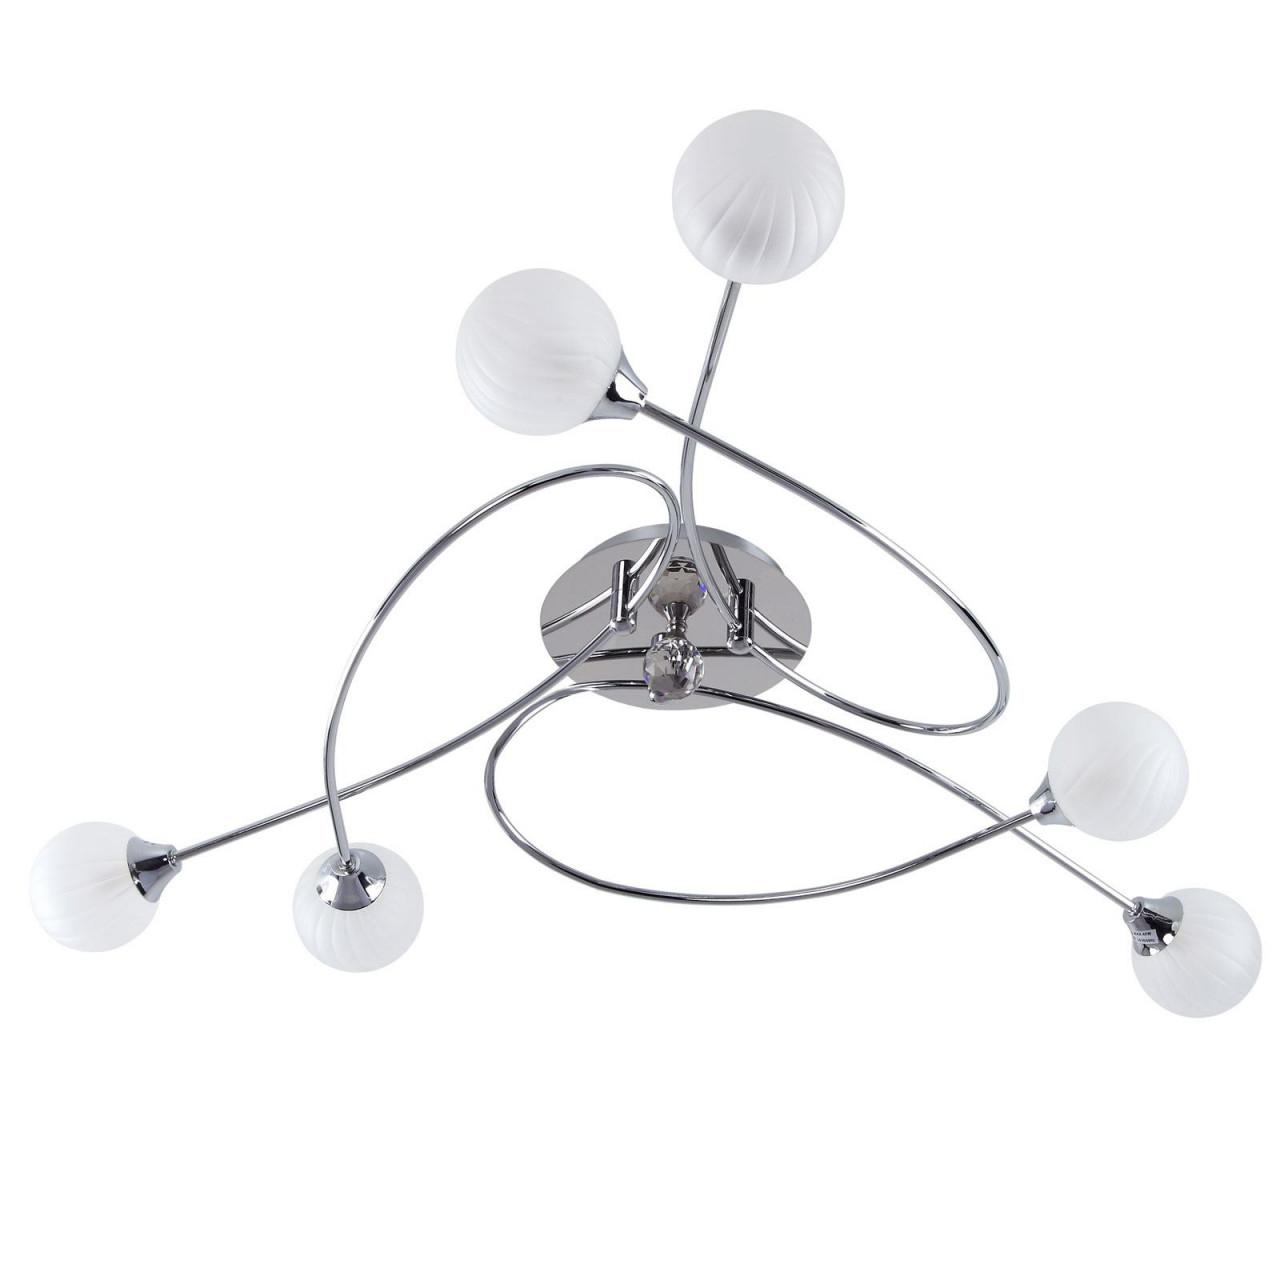 Deckenleuchte Wohnzimmer 6Flammig Glas Chrom Lampe Dimmbar 230V G9 von Wohnzimmer Lampe Glas Photo